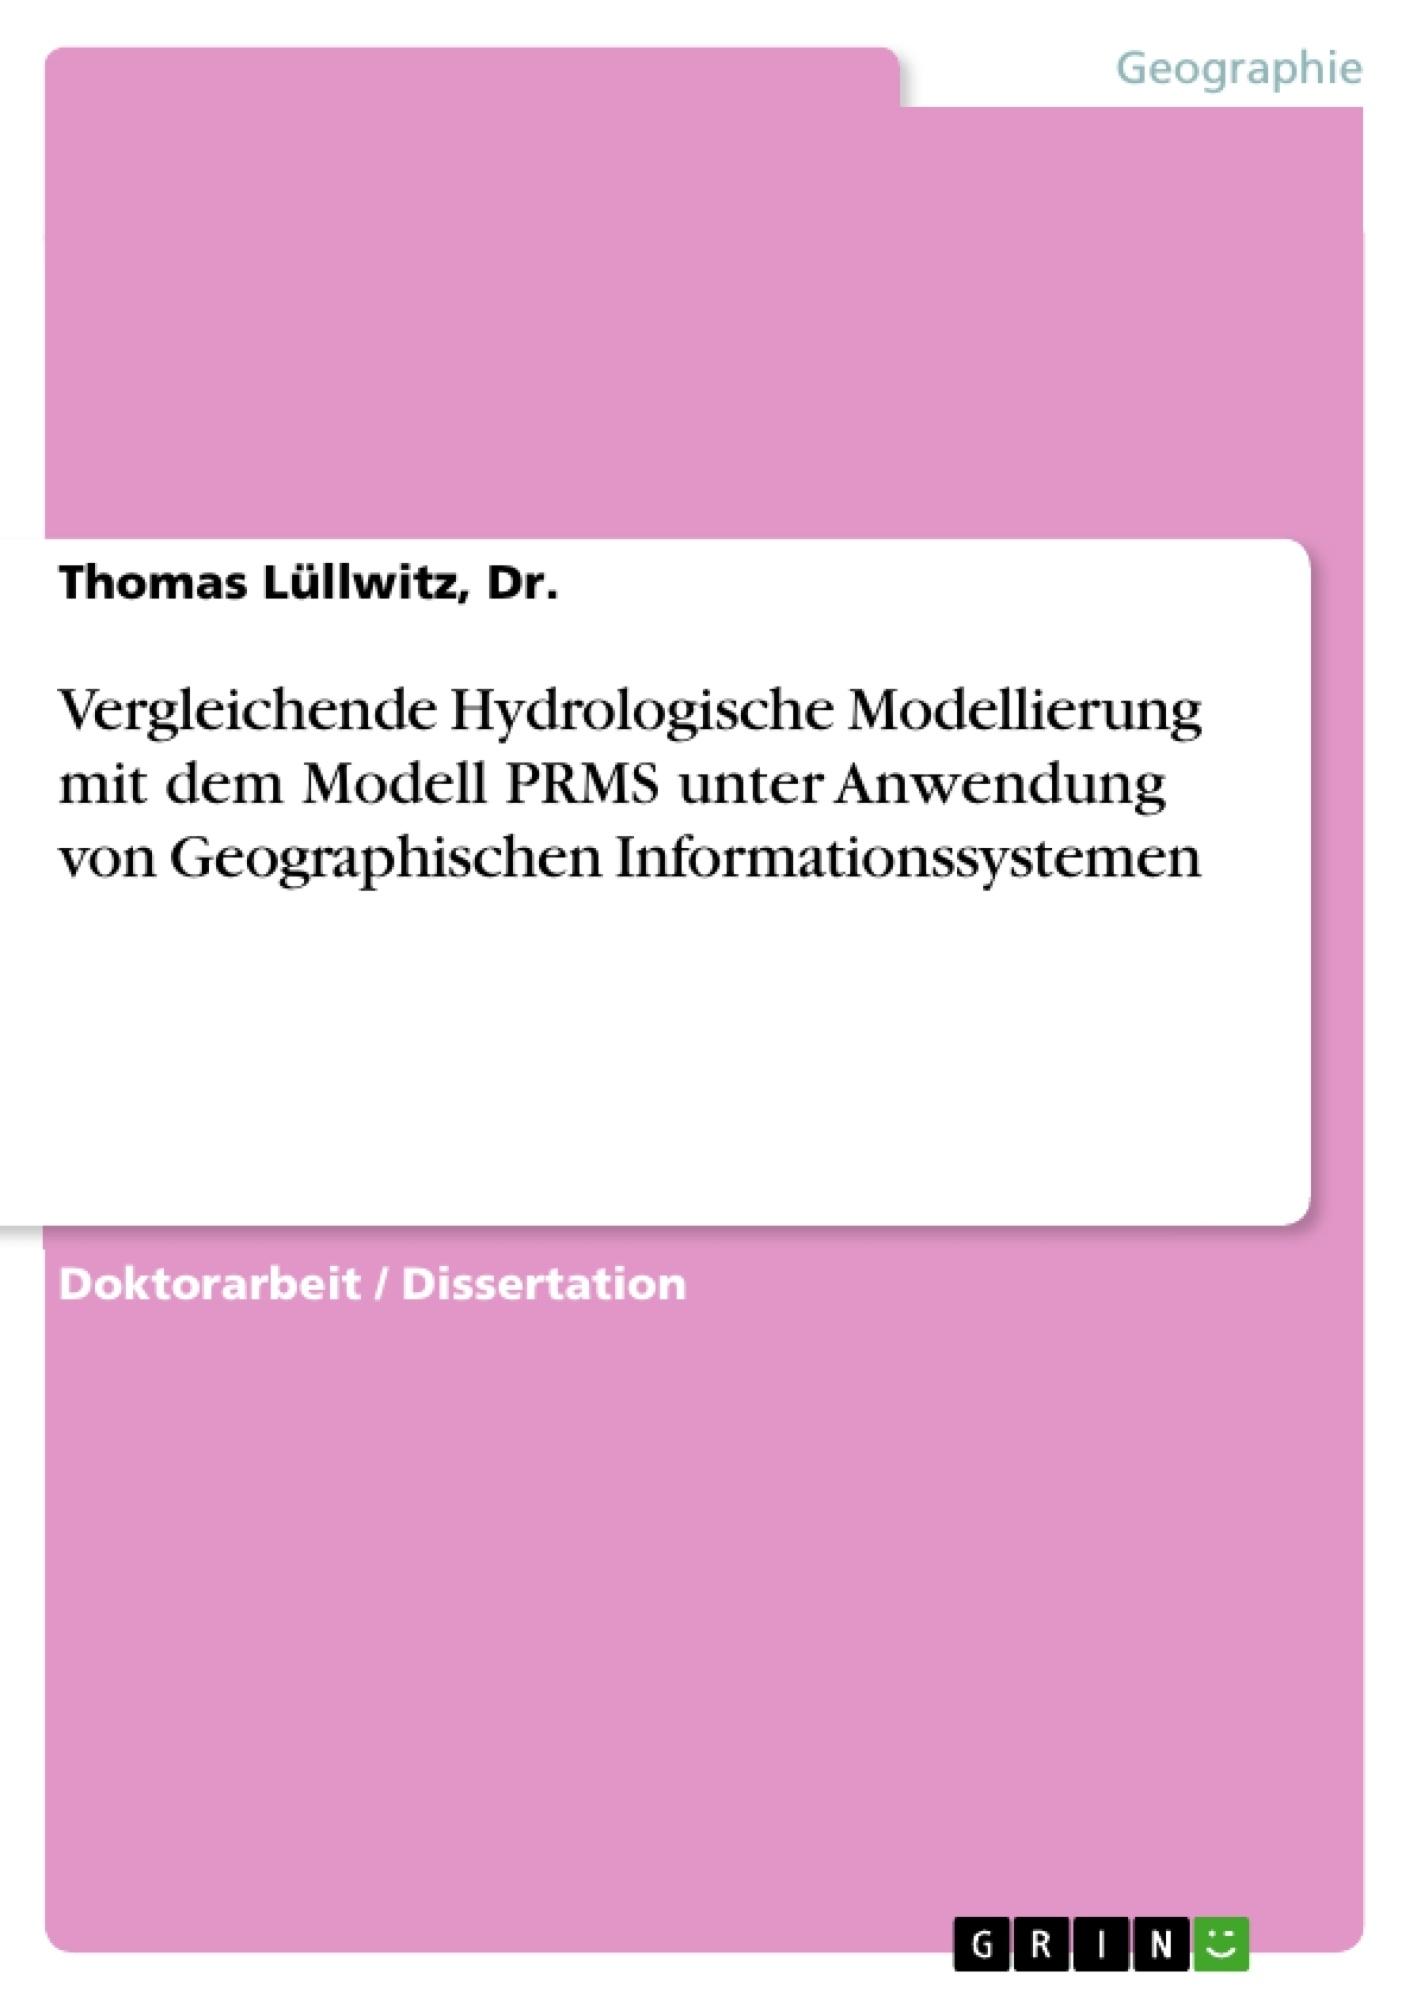 Titel: Vergleichende Hydrologische Modellierung mit dem Modell PRMS unter Anwendung von Geographischen Informationssystemen